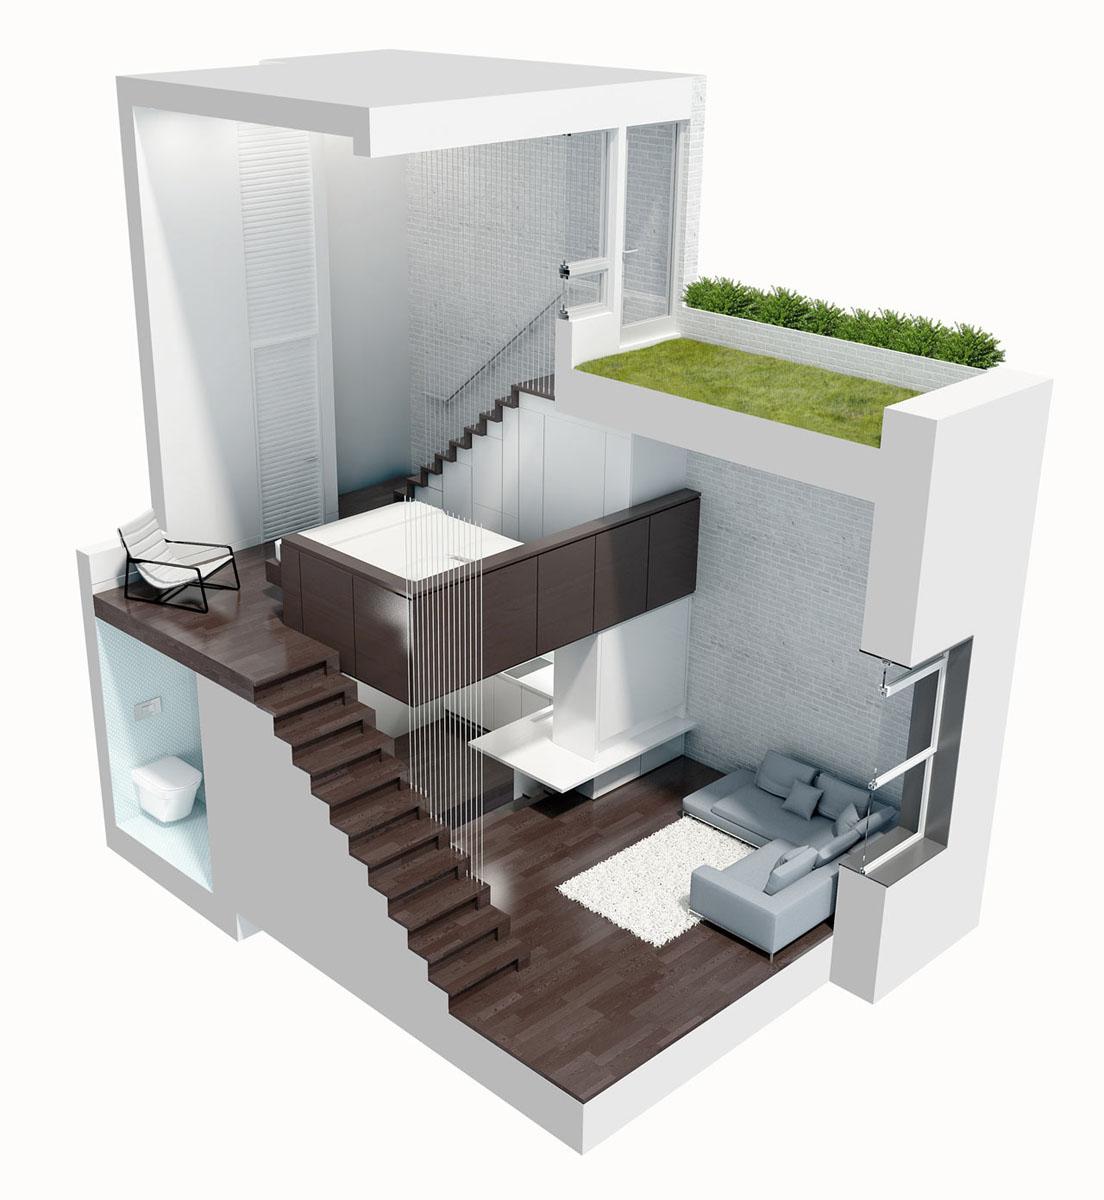 Loft Apartment Design tiny micro loft apartment in manhattan | idesignarch | interior